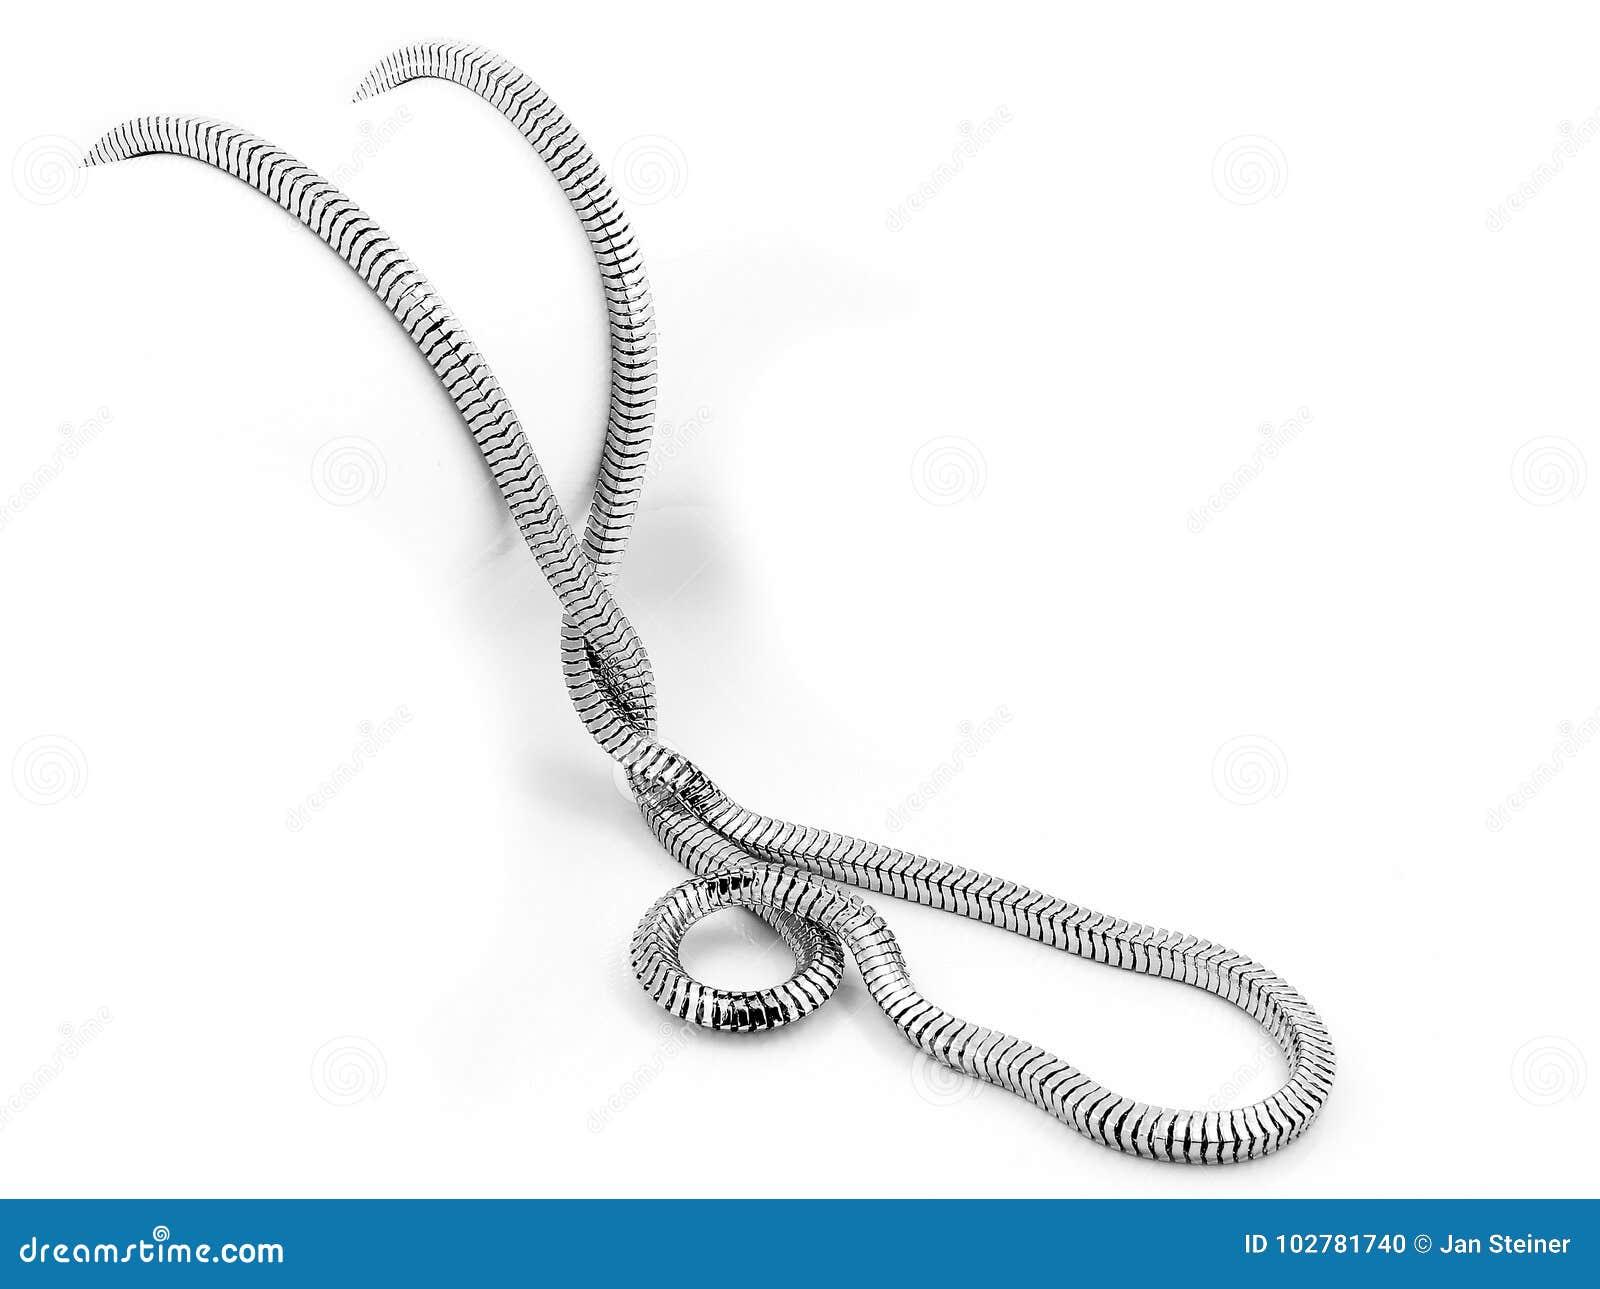 Juwel-Halskette - Edelstahl